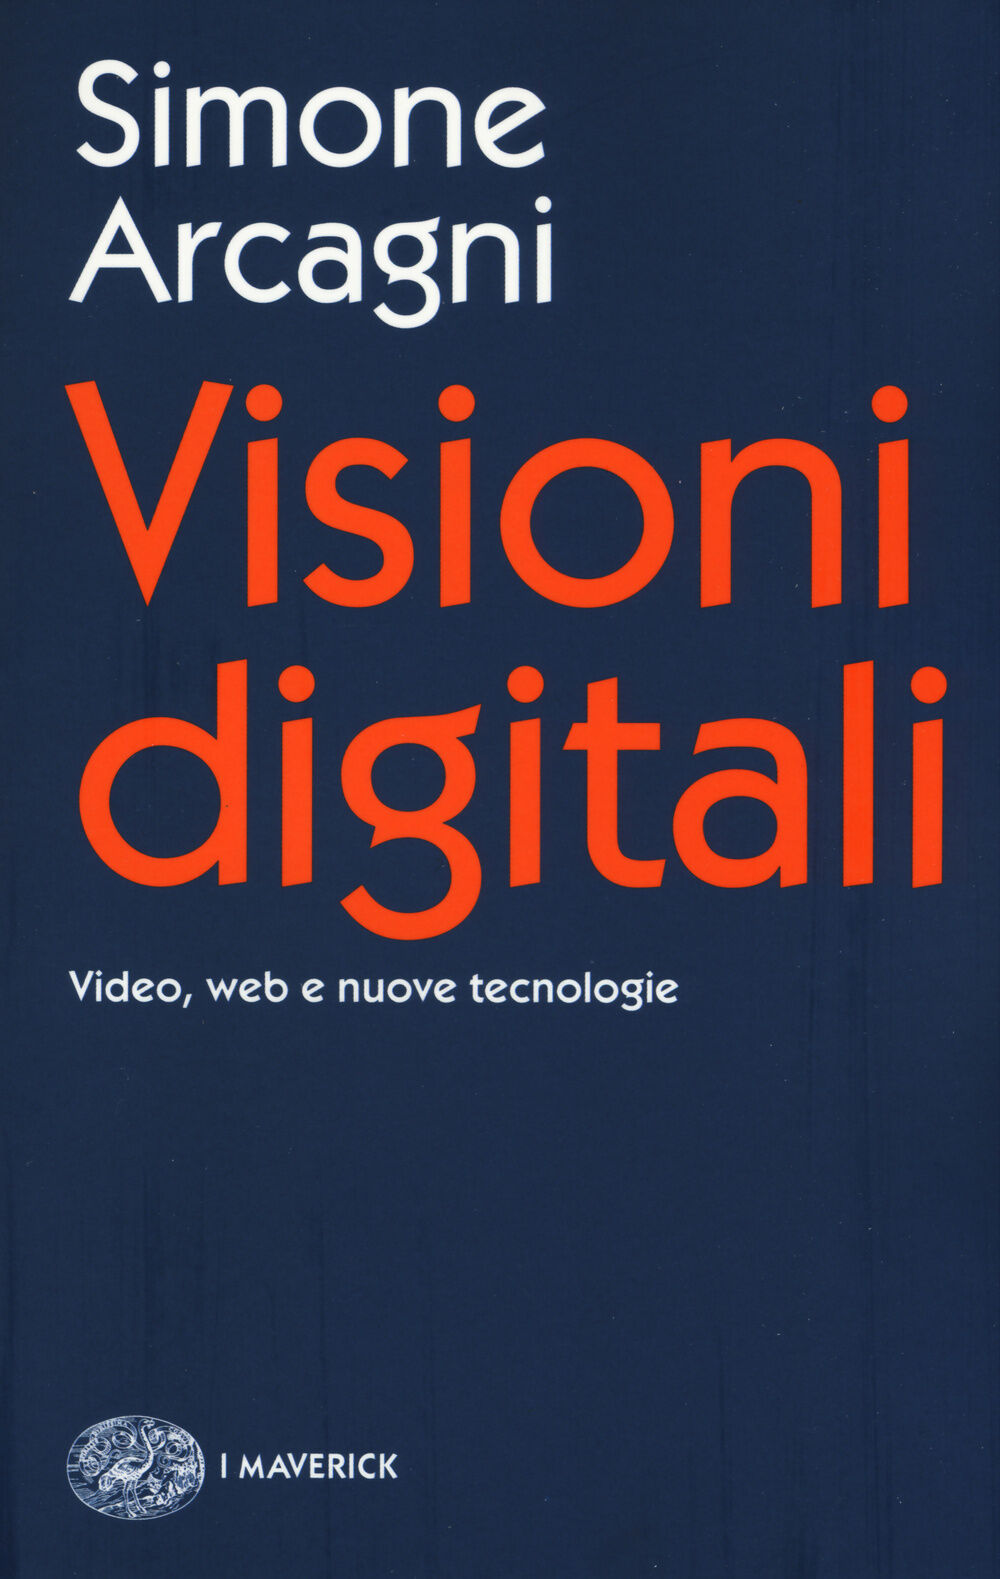 Visioni digitali. Video, web e nuove tecnologie